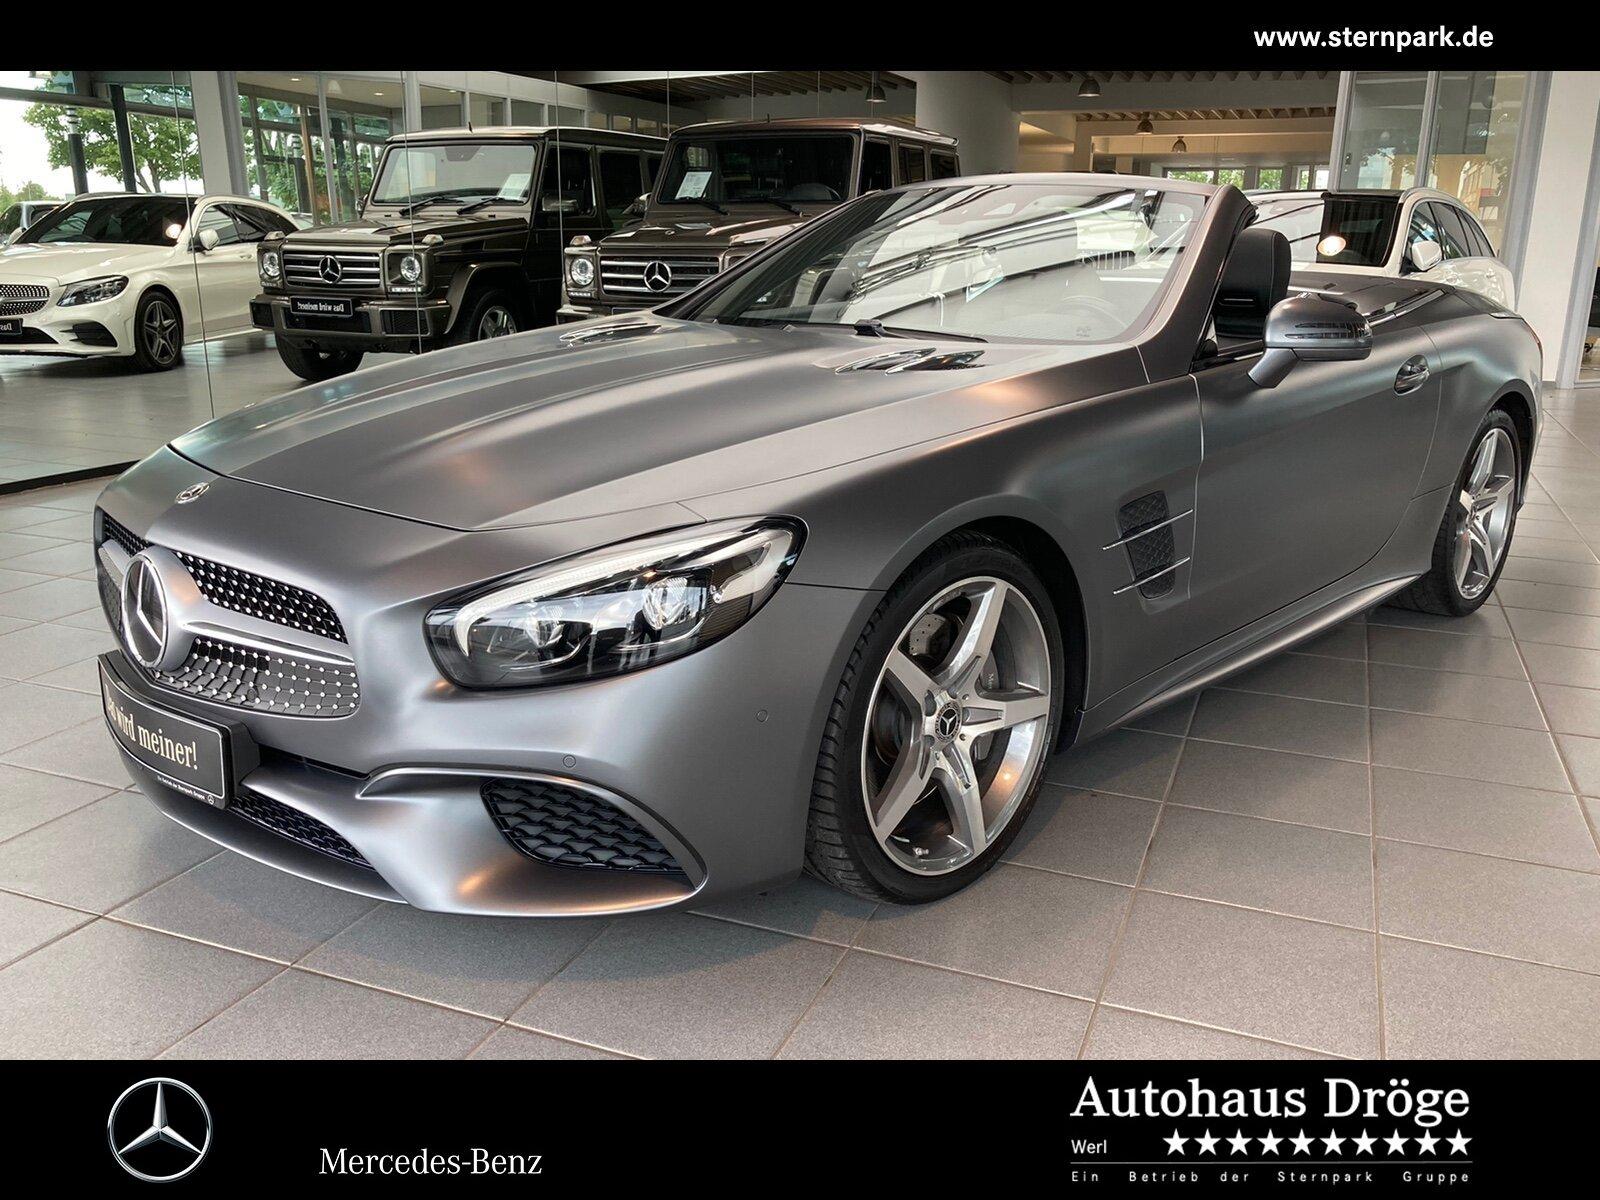 Mercedes-Benz SL 500 AMG Comand*Pano*Distro*H+K*Kamera*Keyless, Jahr 2017, Benzin